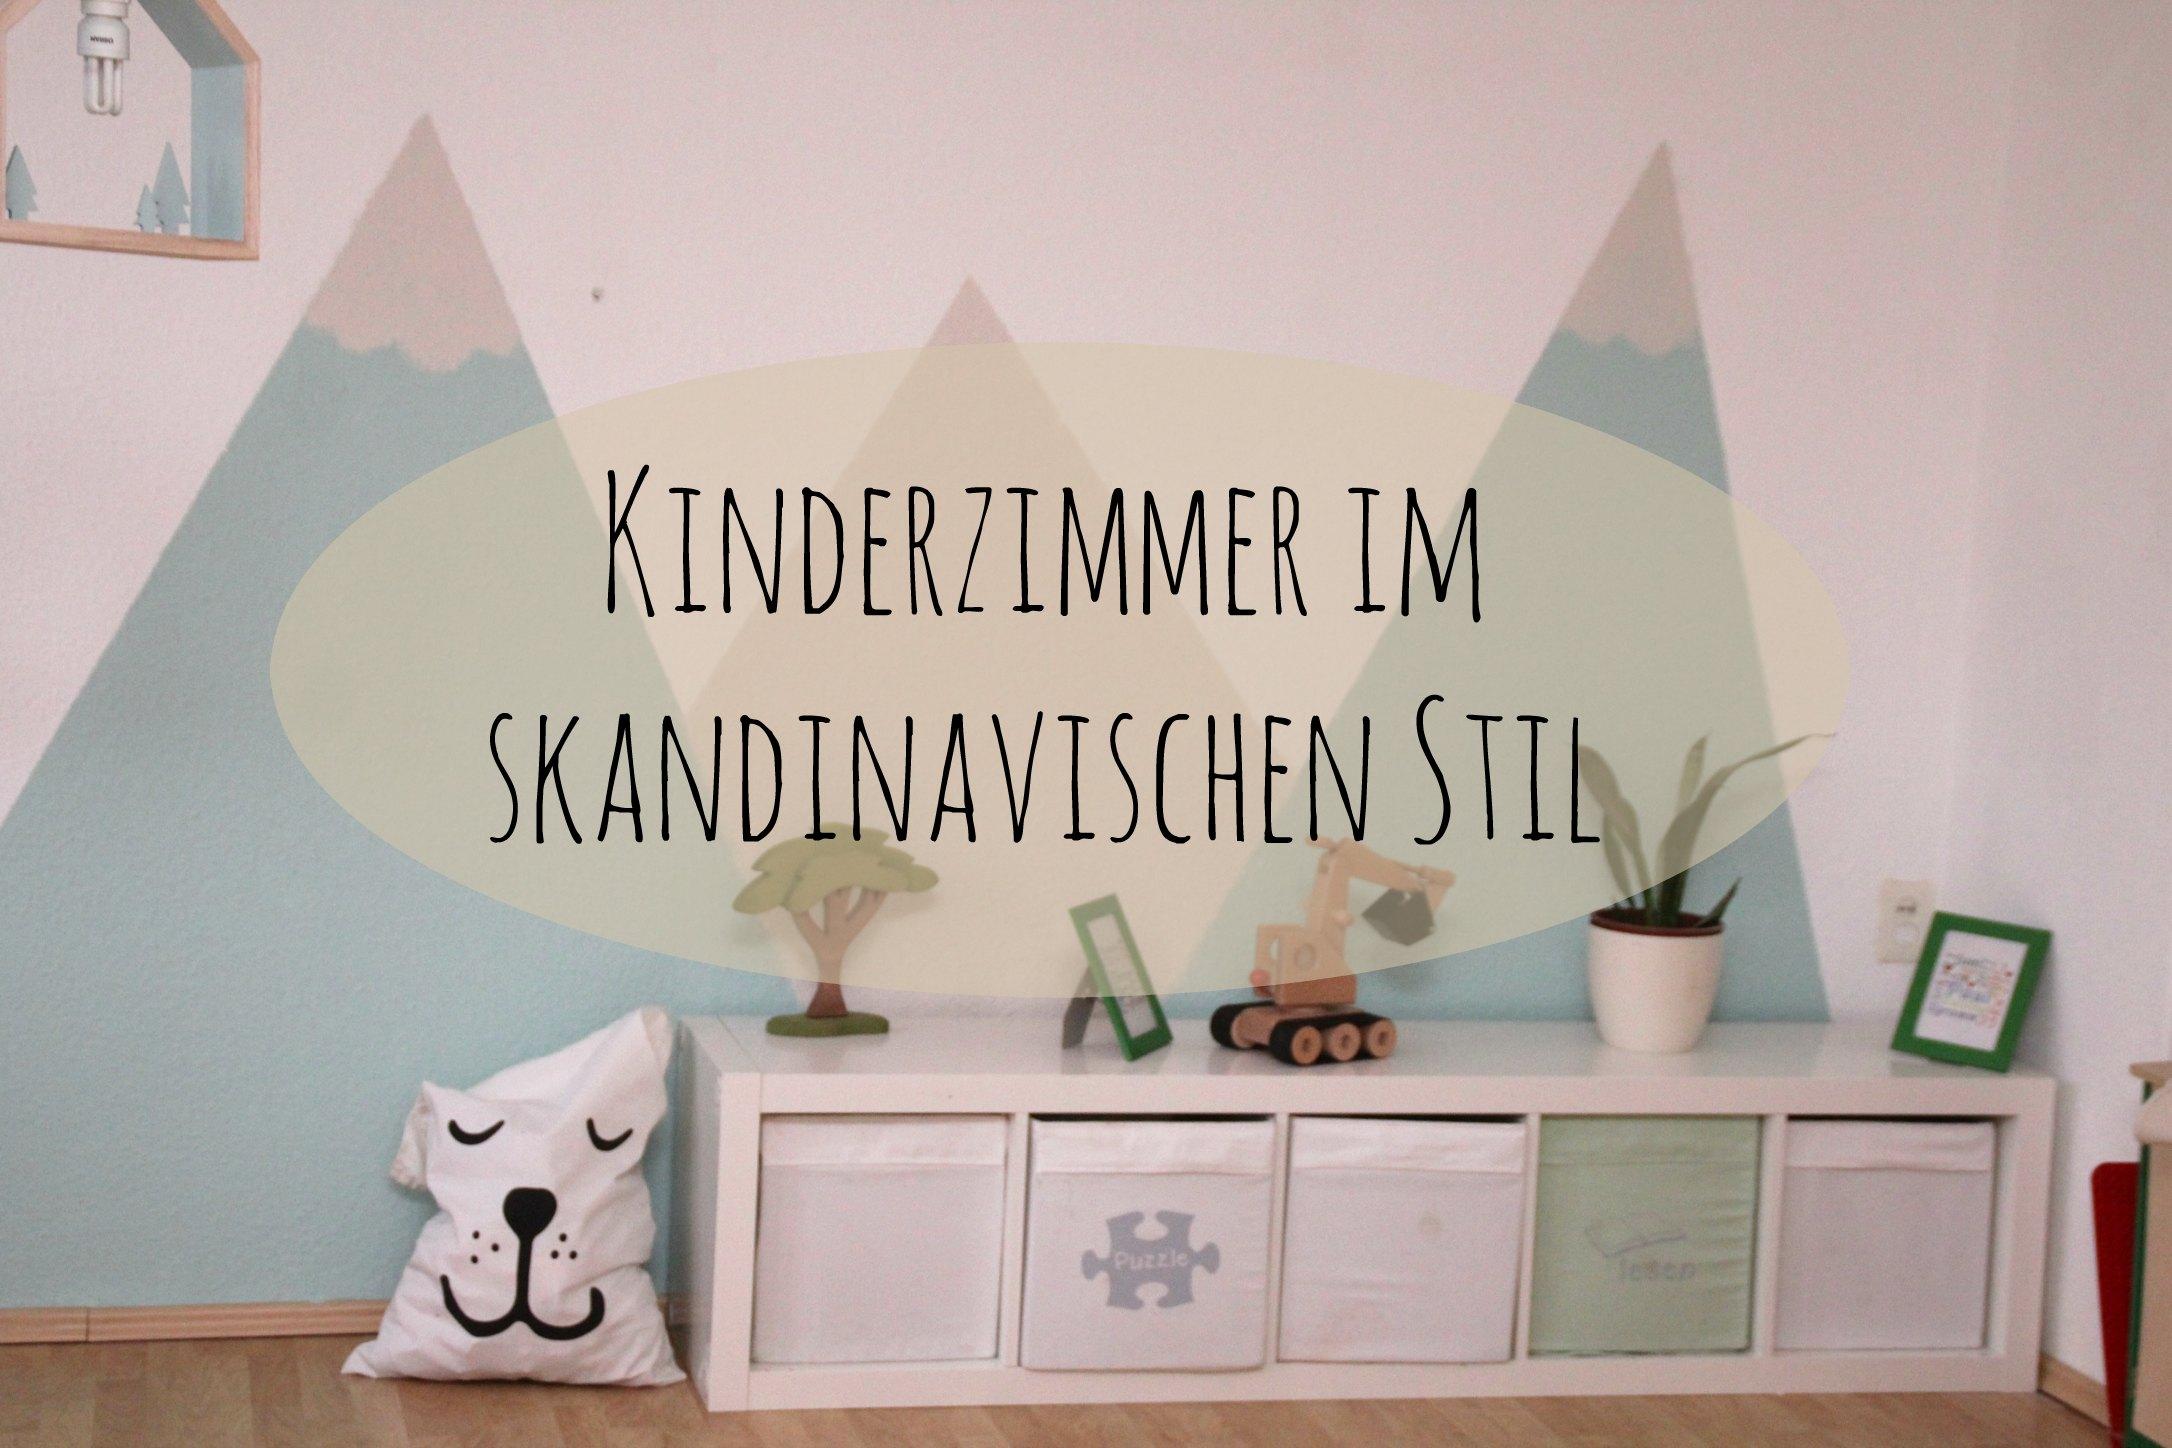 Wie wir dem kinderzimmer einen skandinavischen stil verpasst haben ...